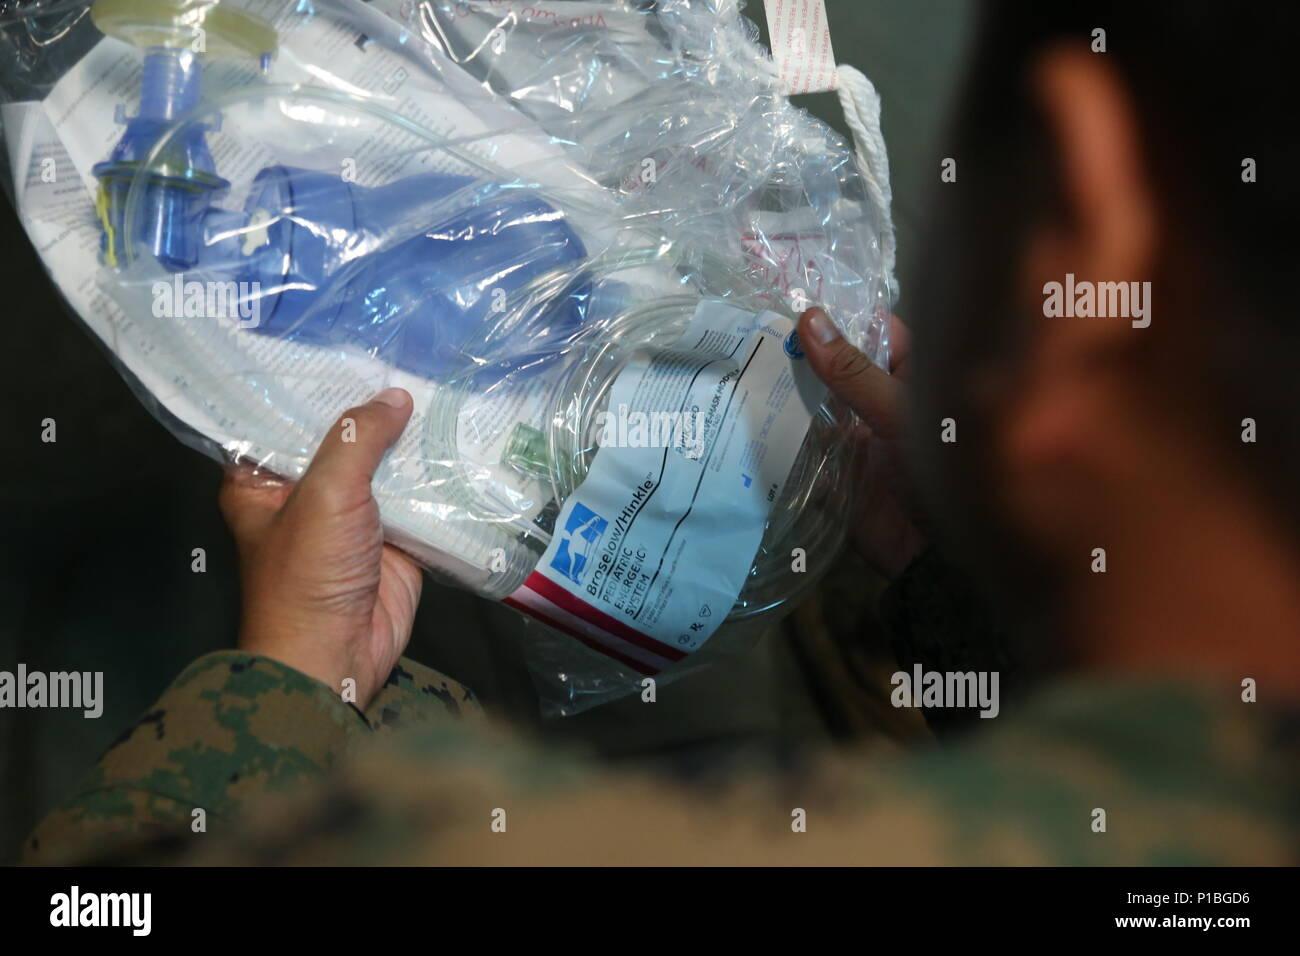 Ein US-Sailor mit Schock und Trauma Platoon, Bekämpfung der Logistik Bataillon 31, 31 Marine Expeditionary Unit, inspiziert ein pädiatrischer Beatmungsbeutel, ein medizinisches Instrument in Fällen der pädiatrischen respiratorische Insuffizienz eingesetzt, während die pädiatrische Krankheit als Teil amphibische Landung Übung 33 (PHIBLEX 33) Kol. Ernesto Ravina Air Base, Philippinen, 8. Oktober 2016. Schock und Trauma Plt. Die Ausbildung bei PHIBLEX 33 durchgeführt zur Vorbereitung seiner Matrosen Kind, Patienten zu behandeln. PHIBLEX 33 ist eine jährliche US-philippinische Militär bilaterale Übung, kombiniert amphibische Fähigkeiten und Live-Fire Training mit h Stockbild